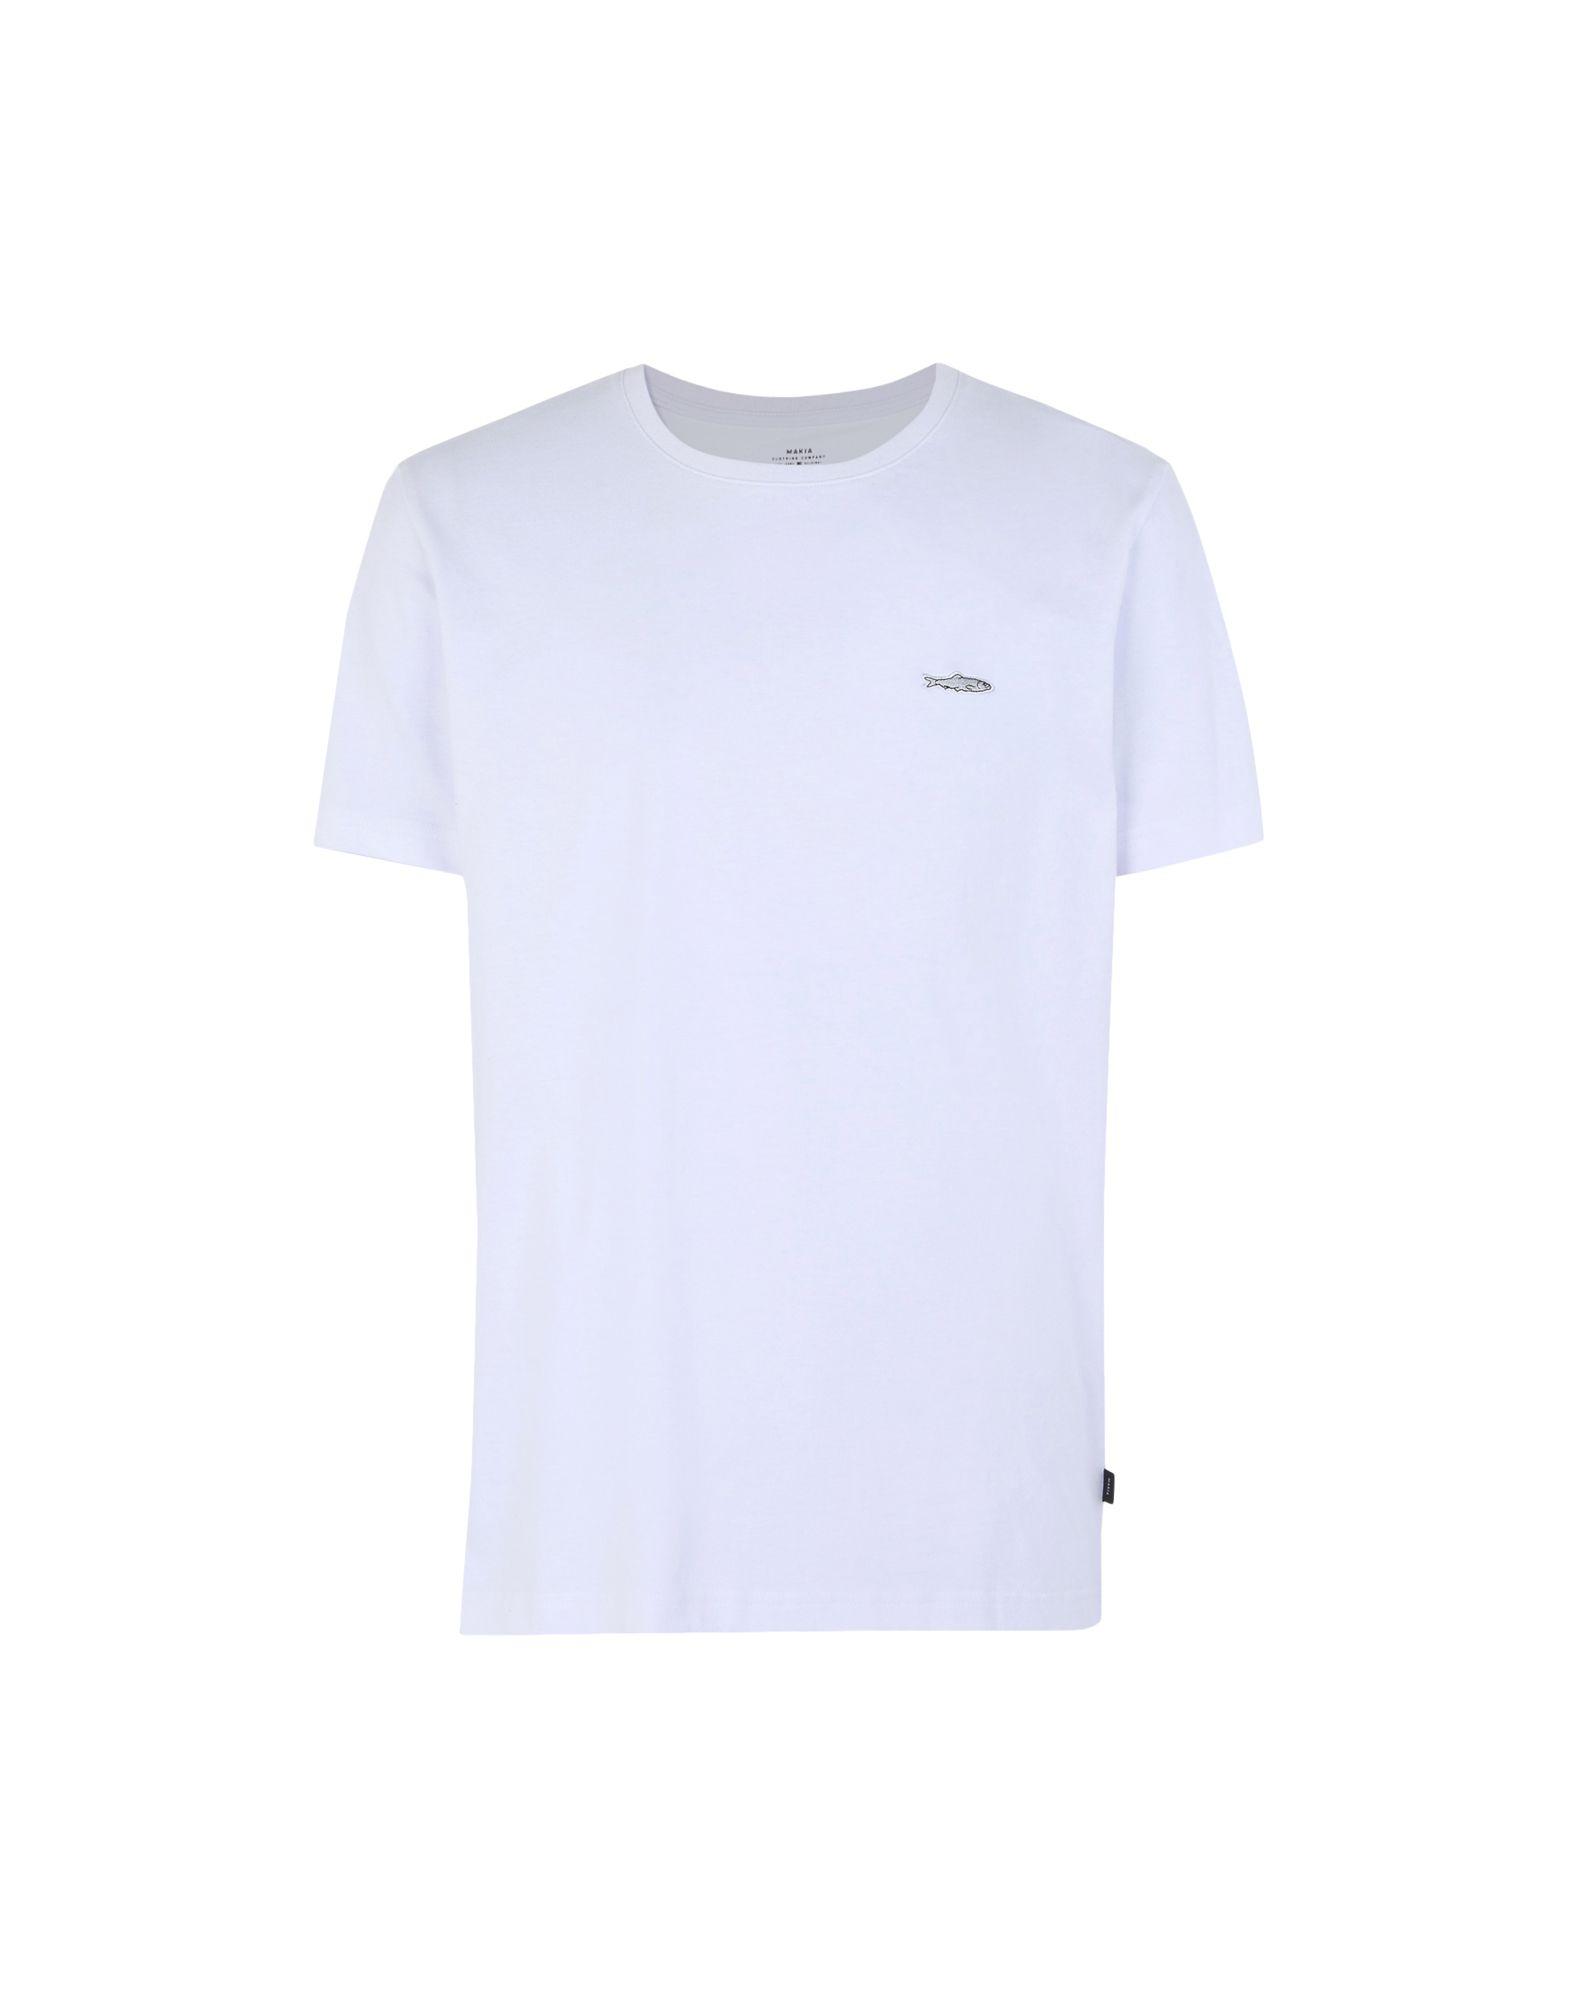 《期間限定セール開催中!》MAKIA メンズ T シャツ ホワイト S コットン 100% HERRING T-SHIRT